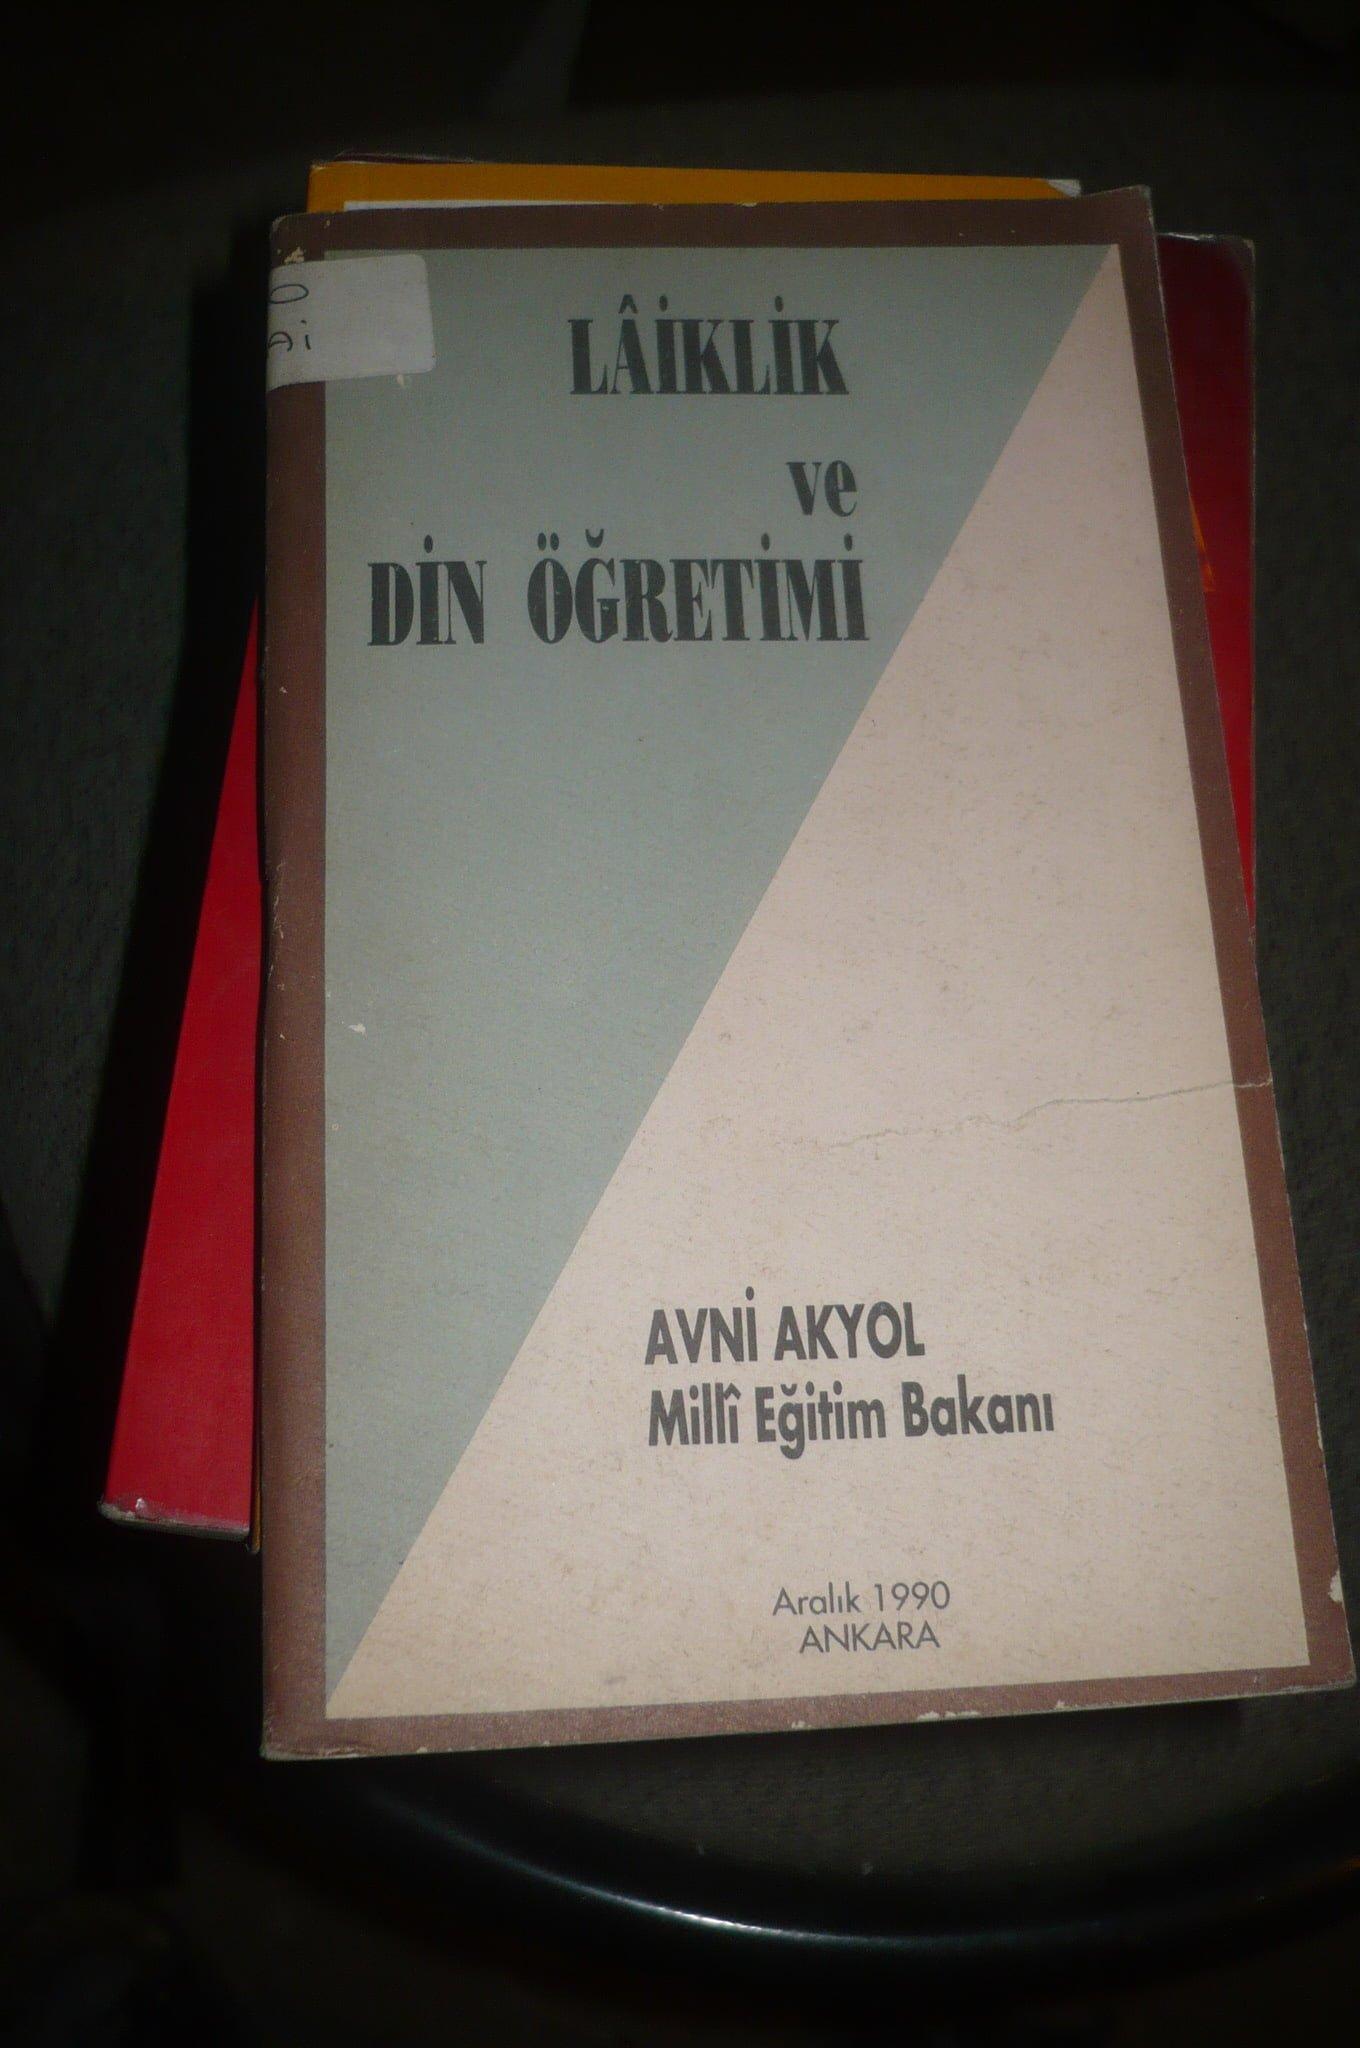 LAİKLİK ve Din ÖĞRETİMİ/Avni AKYOL/ 10 TL